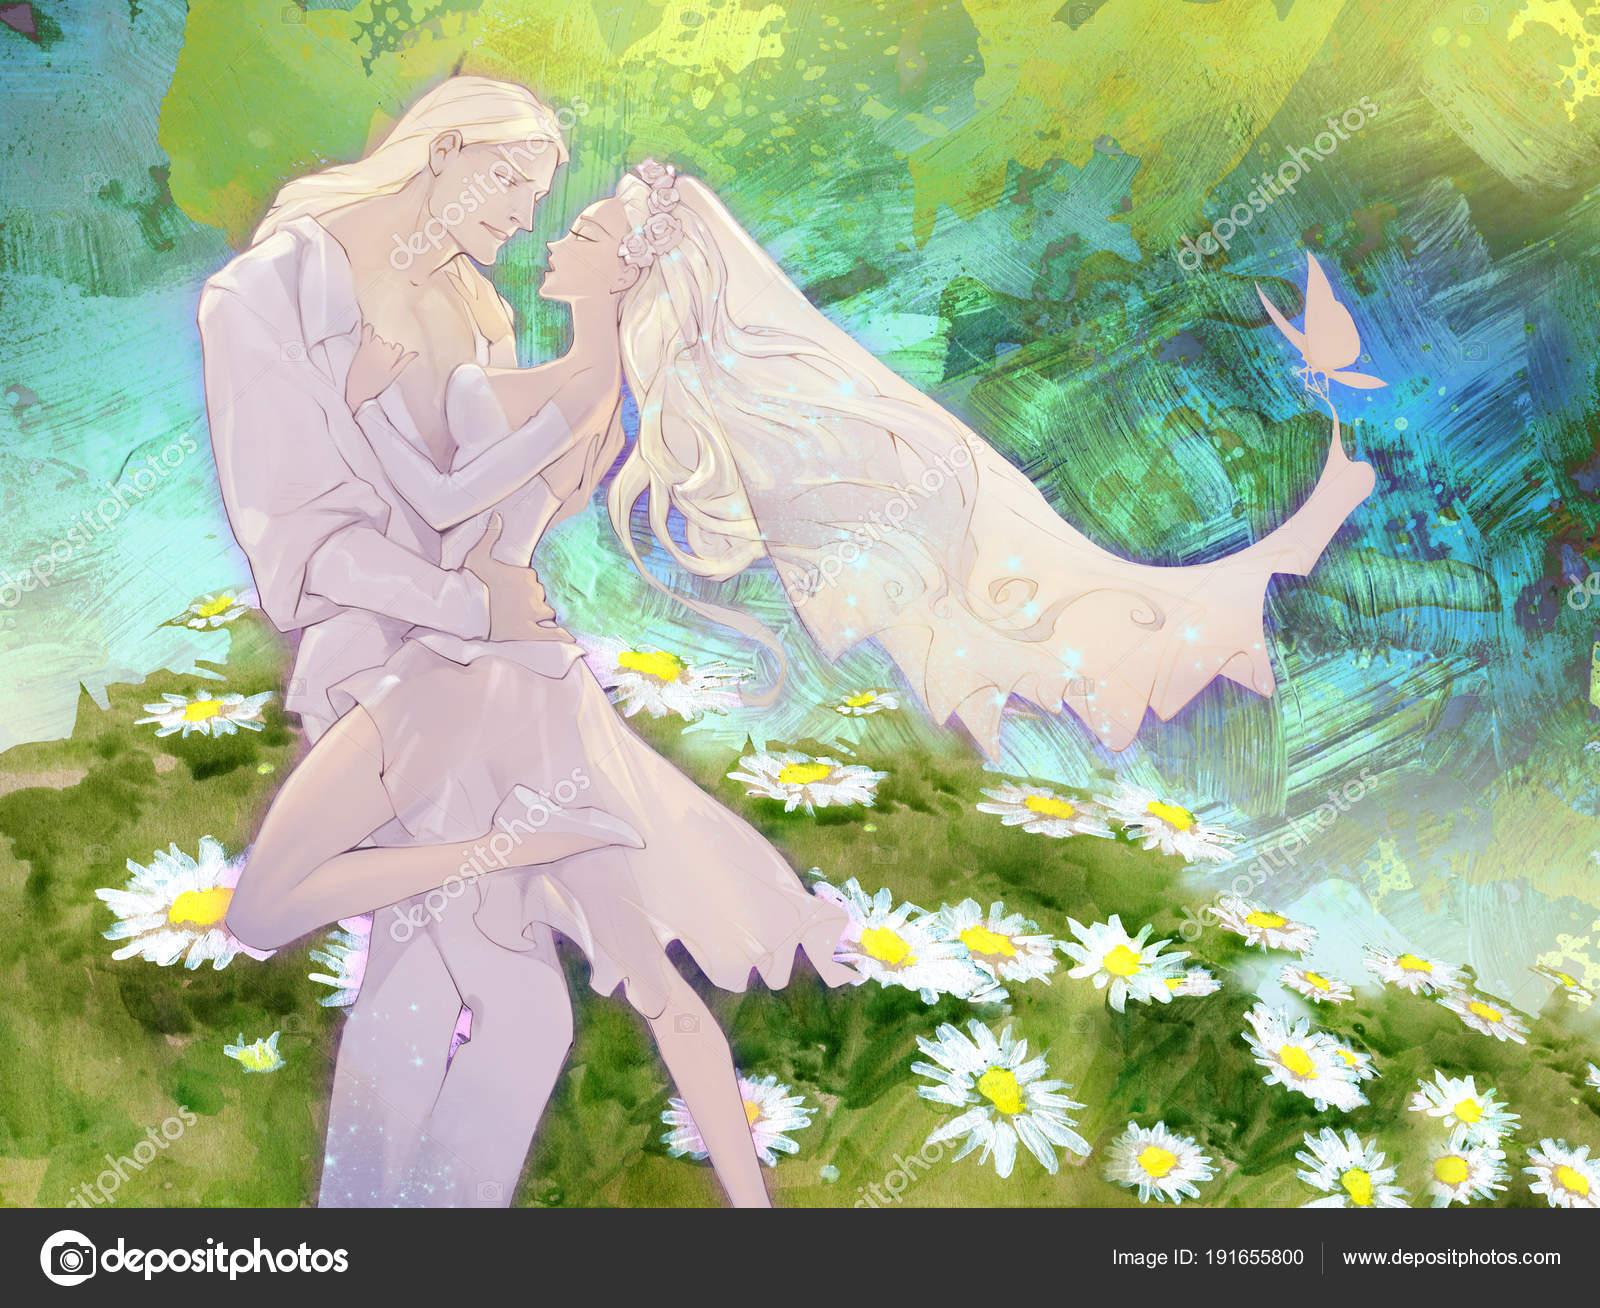 美しいアニメだけ抽象的な背景と結婚した若いカップルの結婚式イラストの